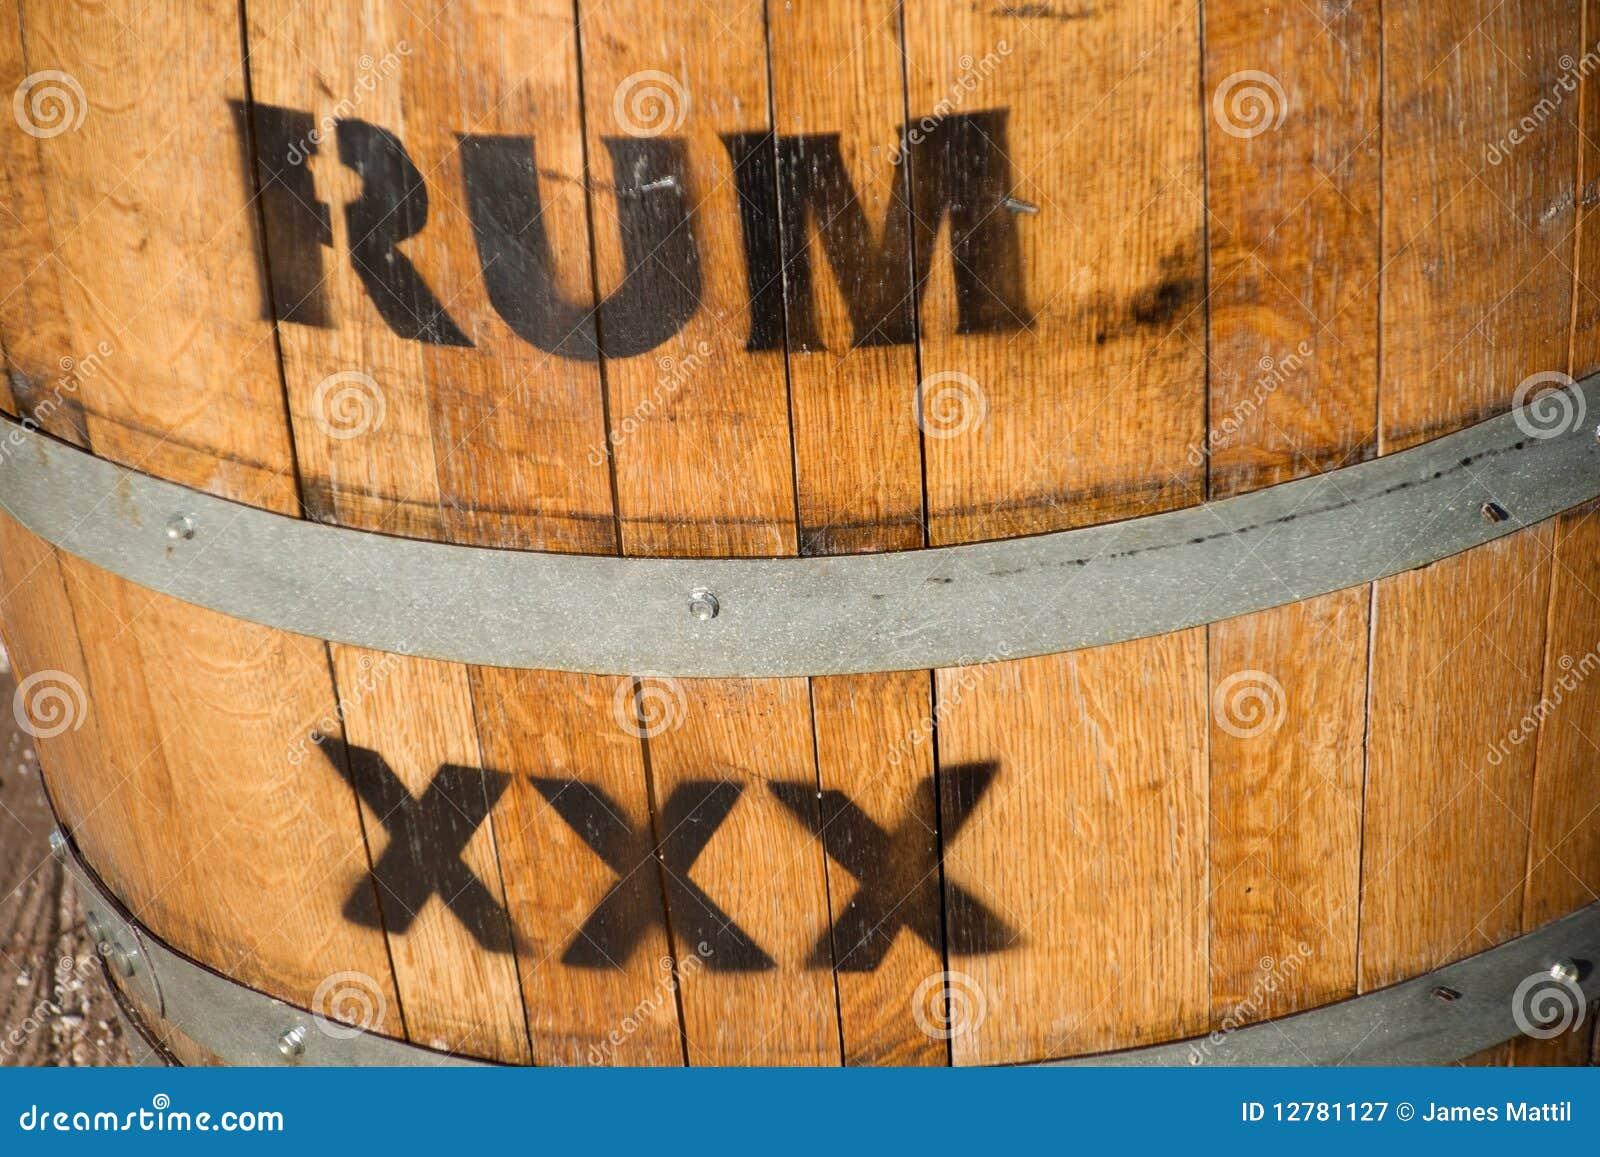 igrovoy-avtomat-keg-of-rum